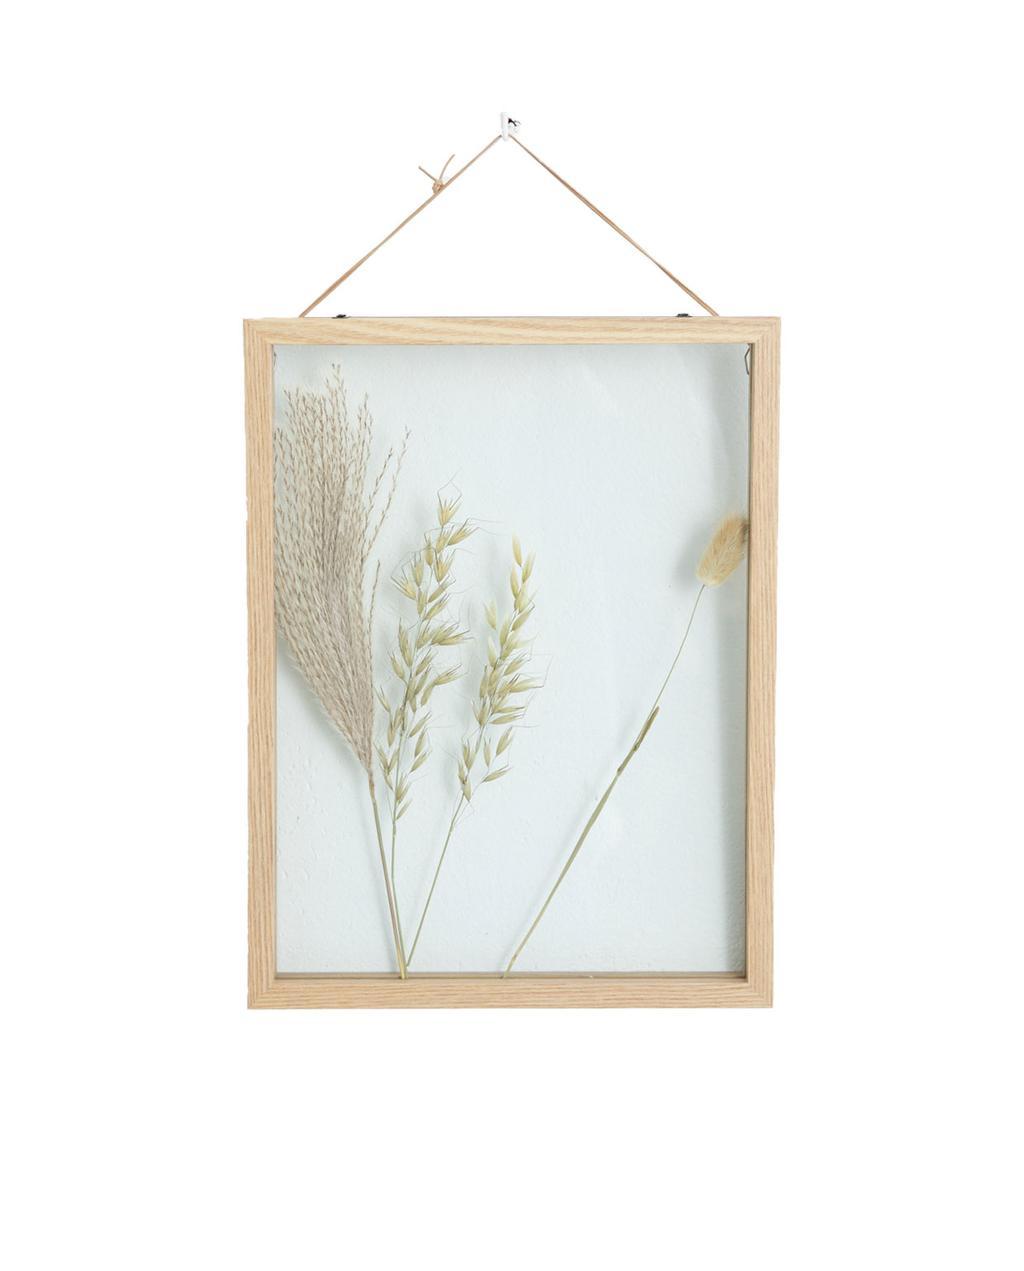 houten fotolijst met gedroogde bloemen